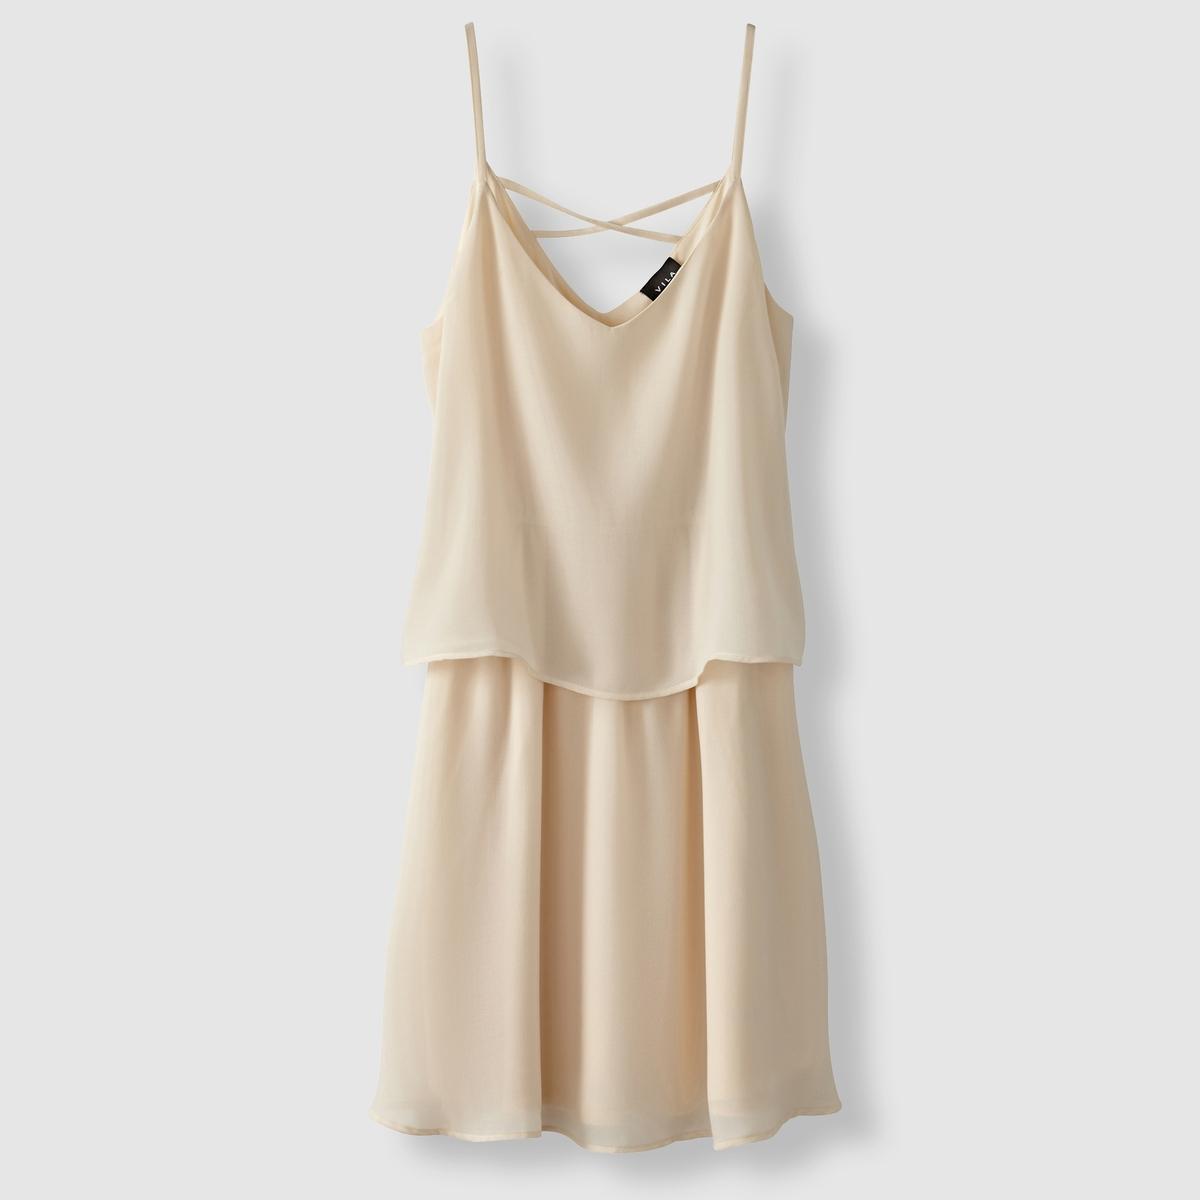 Платье 2 в 1, без рукавов, V-образный вырез, VILA VISORA DRESSСостав и описание :Материал : 100% полиэстераМарка : VILA<br><br>Цвет: бежевый/ розовый<br>Размер: L